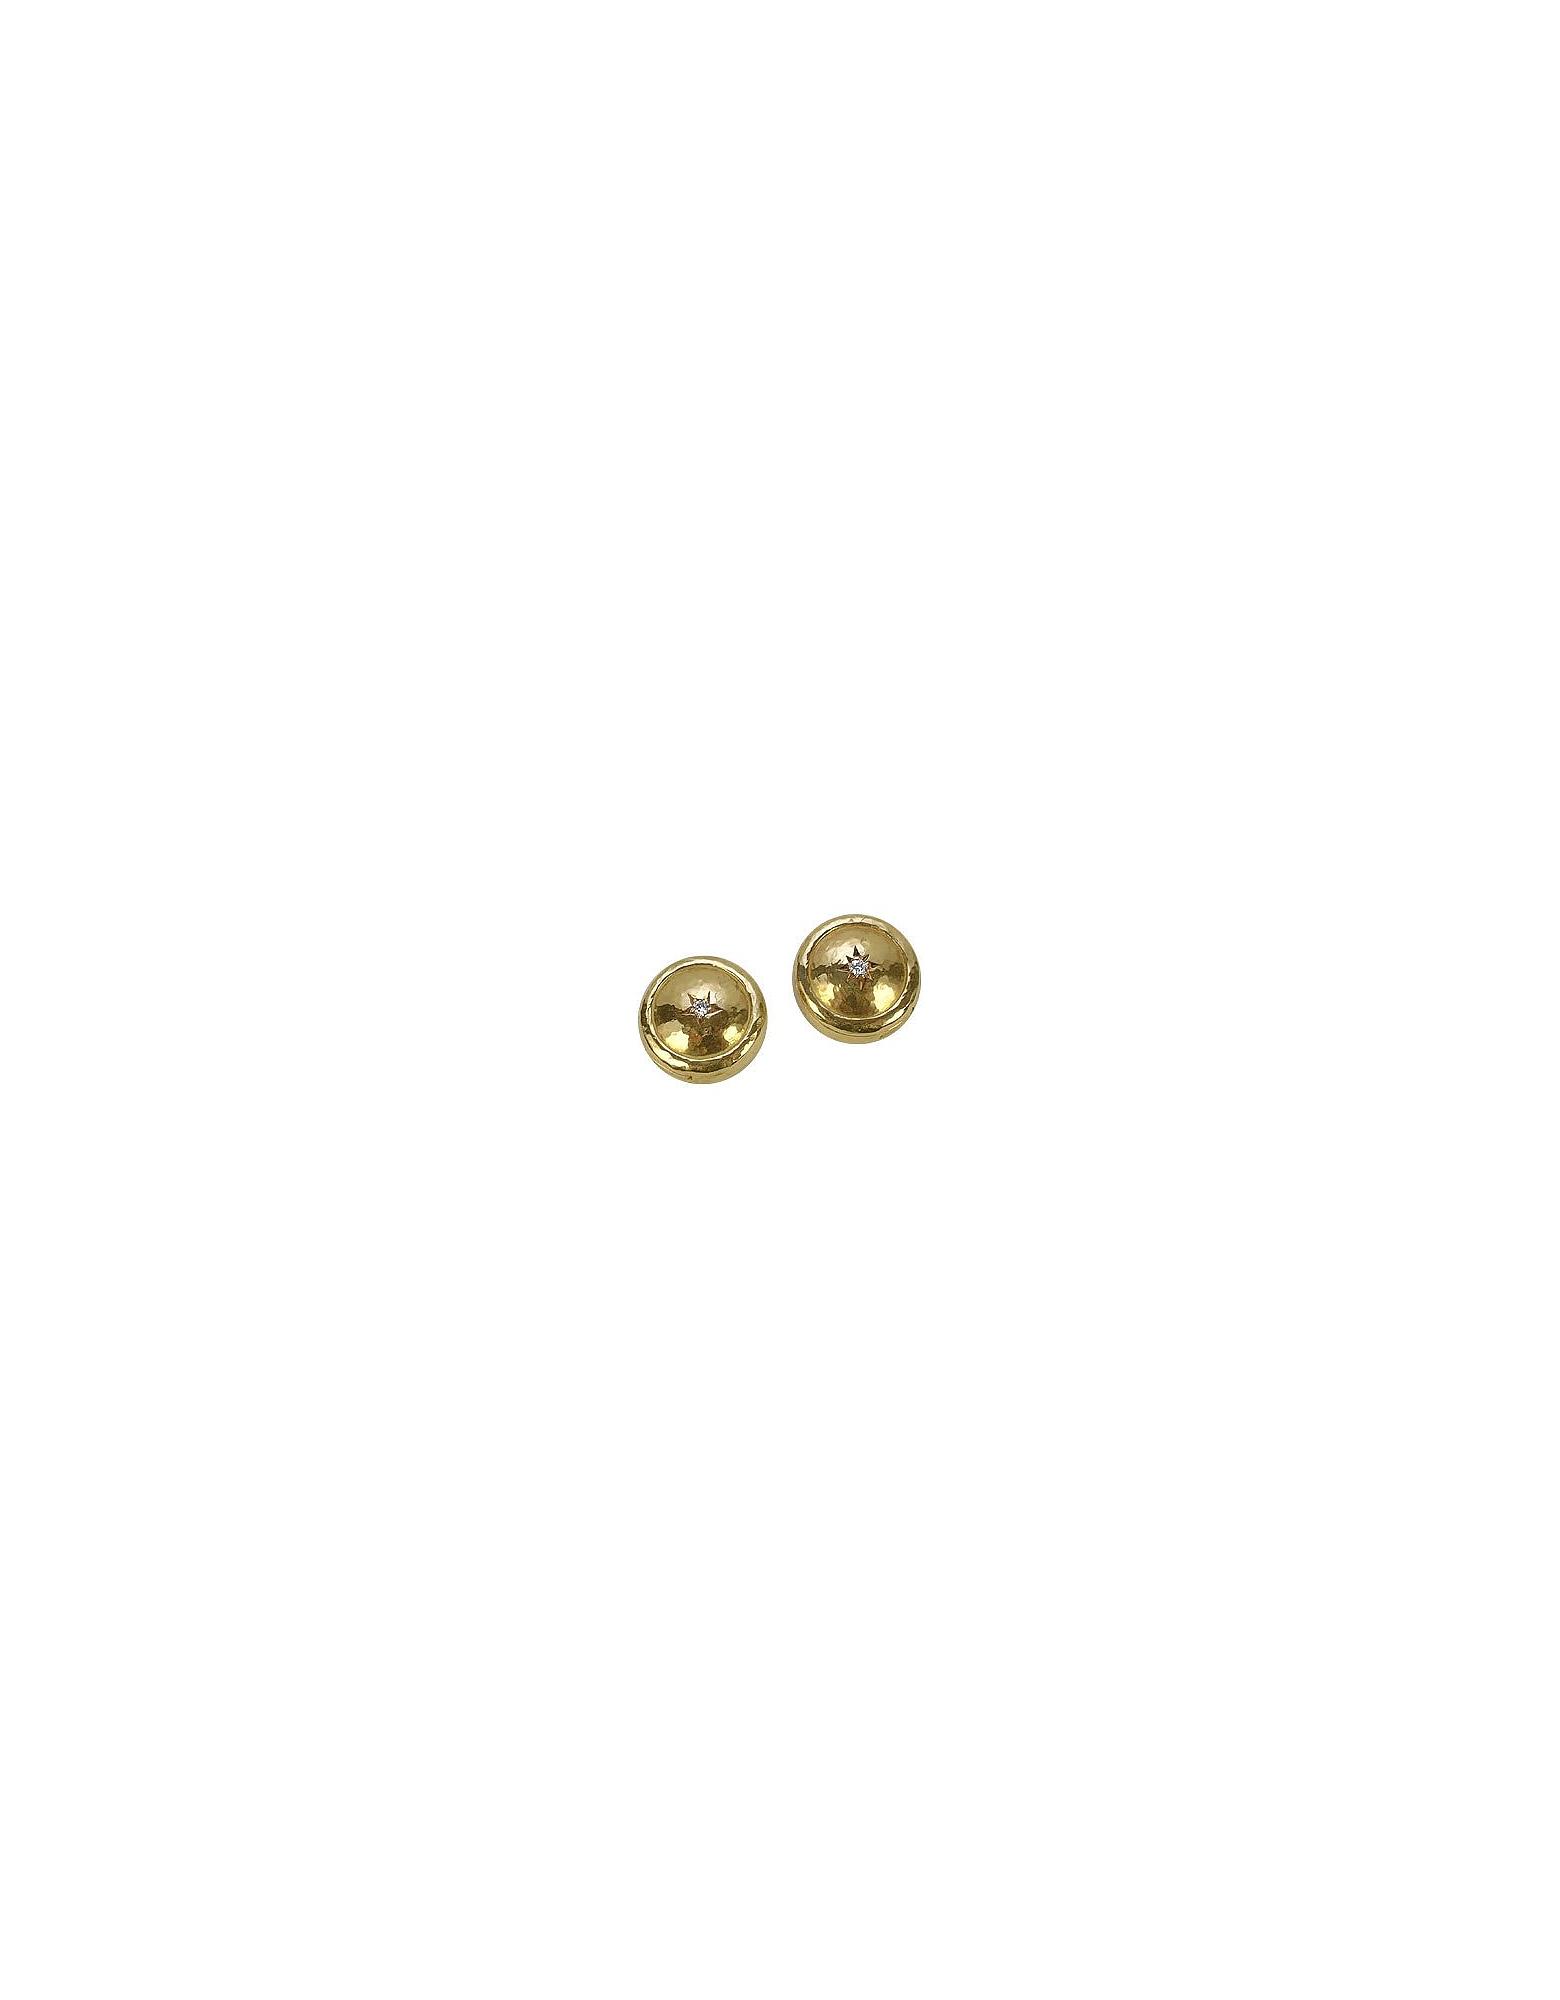 Copribottoni in Oro Nativo Realizzati a Mano con Diamanti